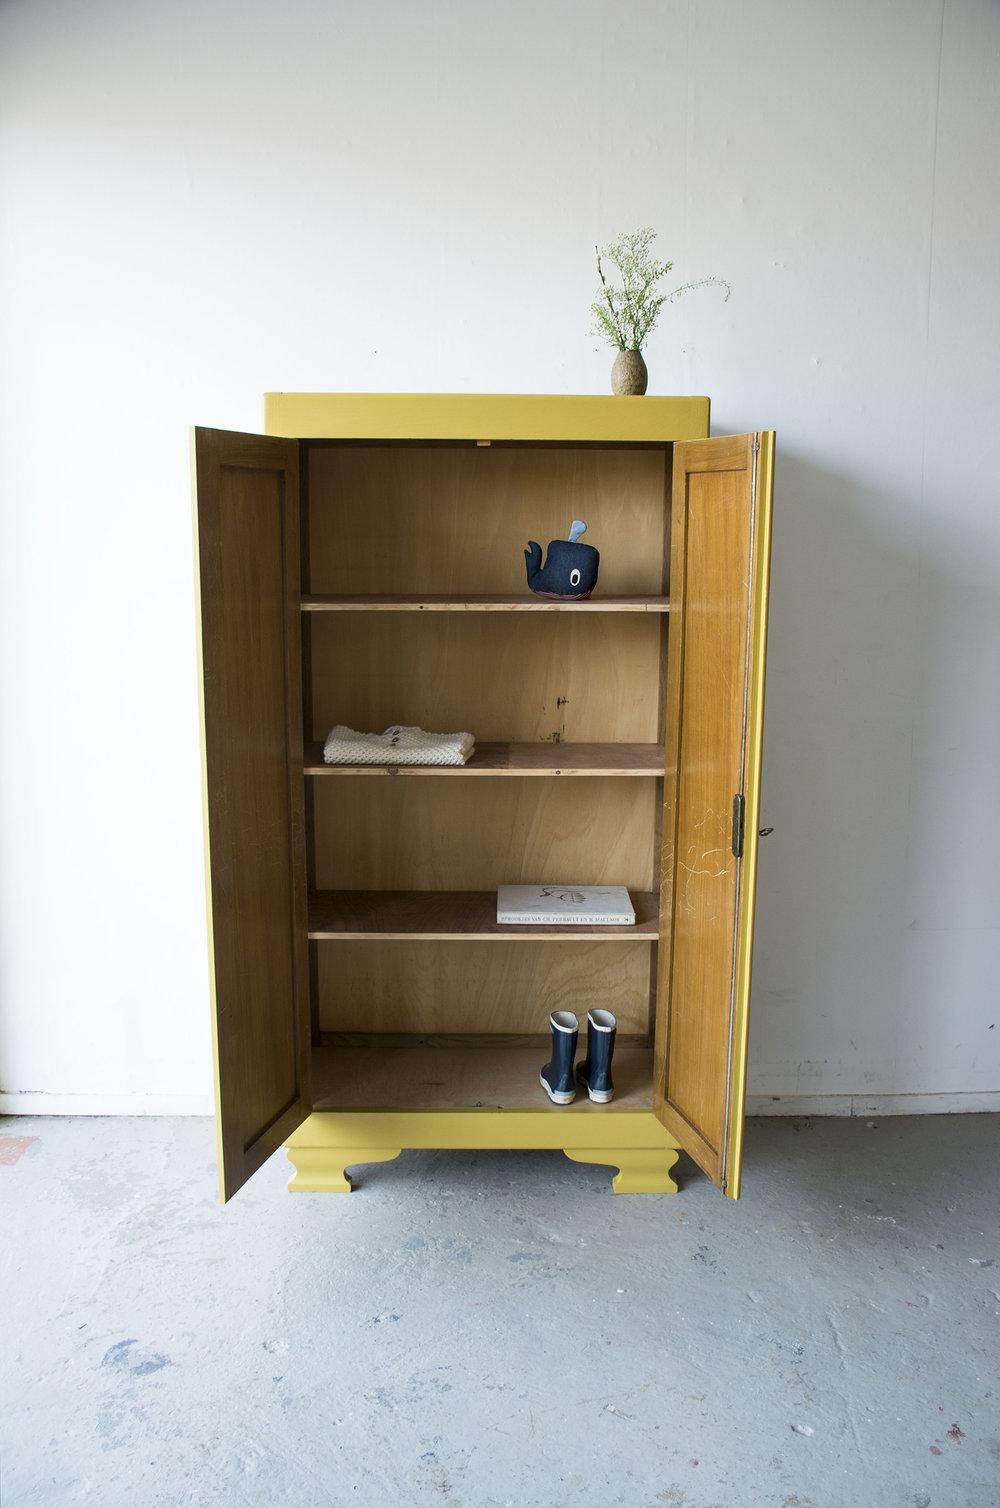 Okergeel vintage kledingkastje - Firma zoethout_4.jpg